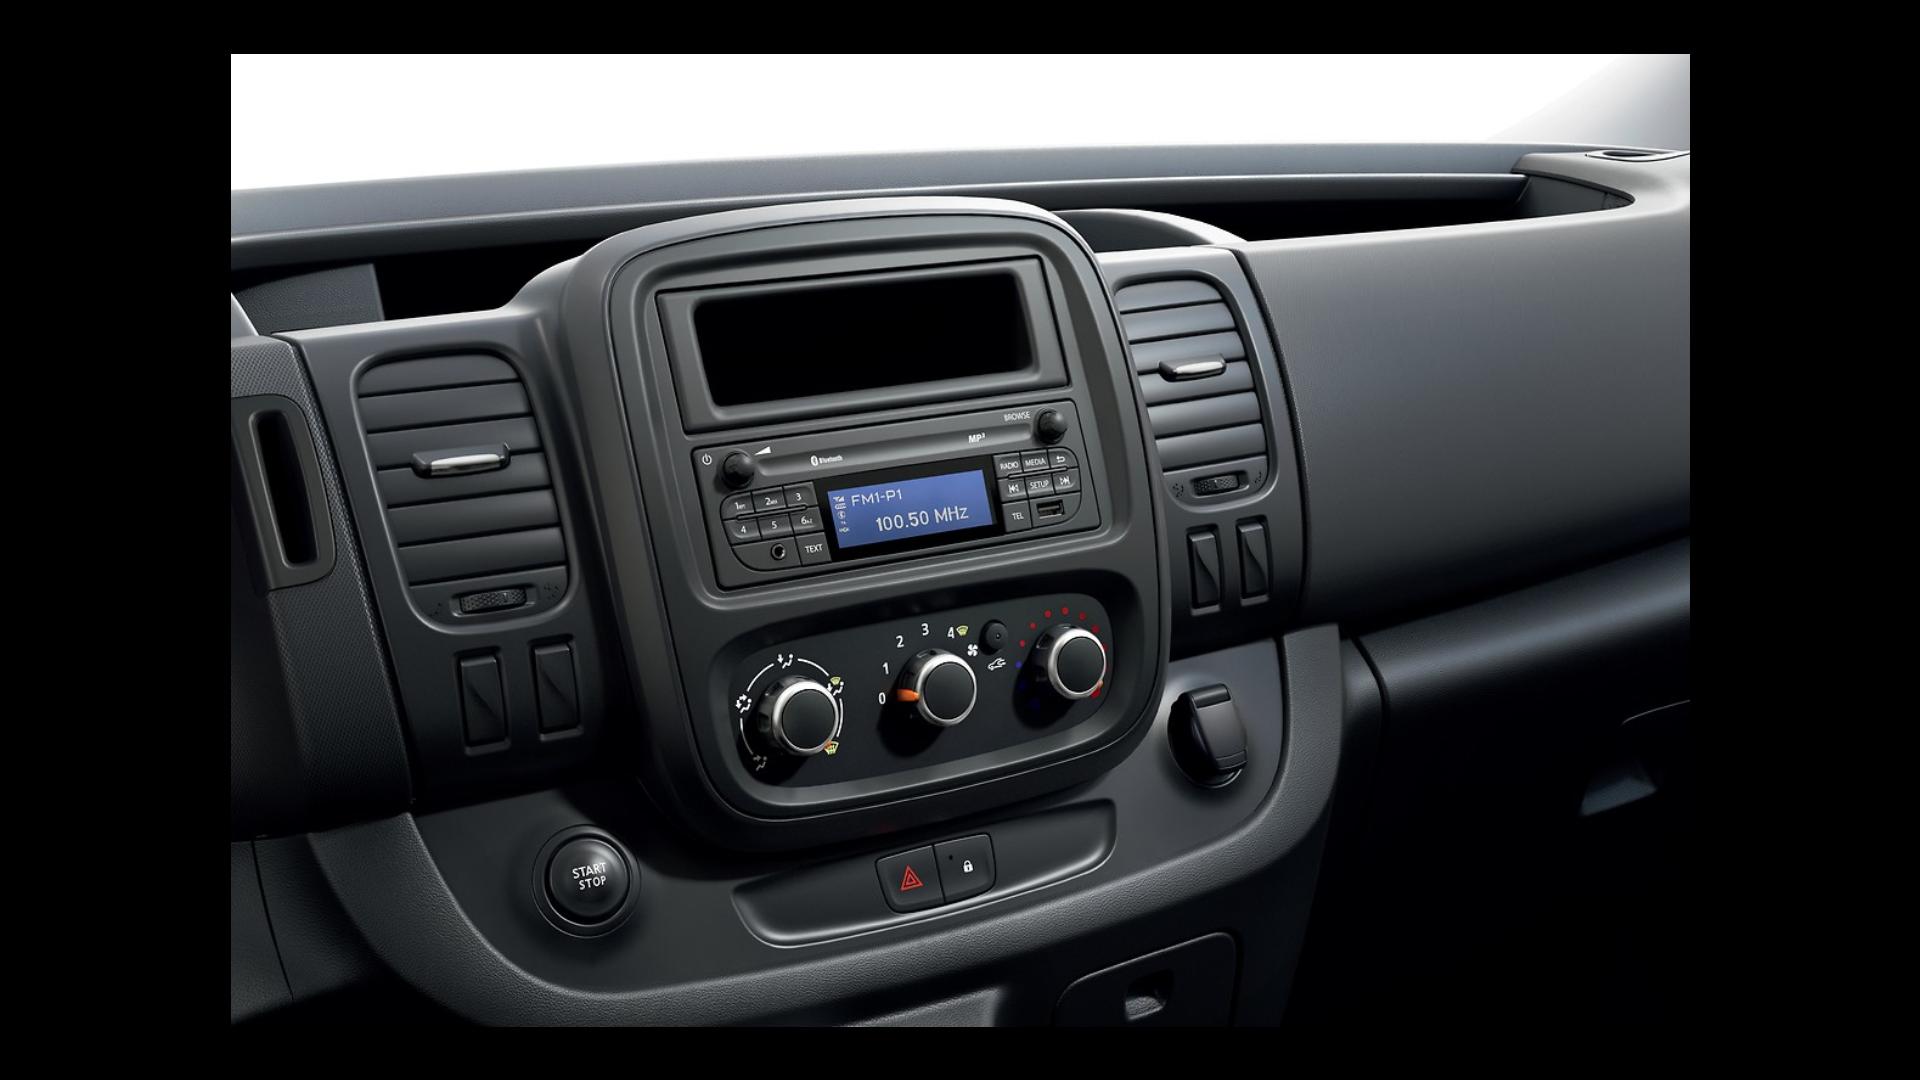 MP3, Bluetooth® rádió, beépített kijelző, kormány mögötti távirányító